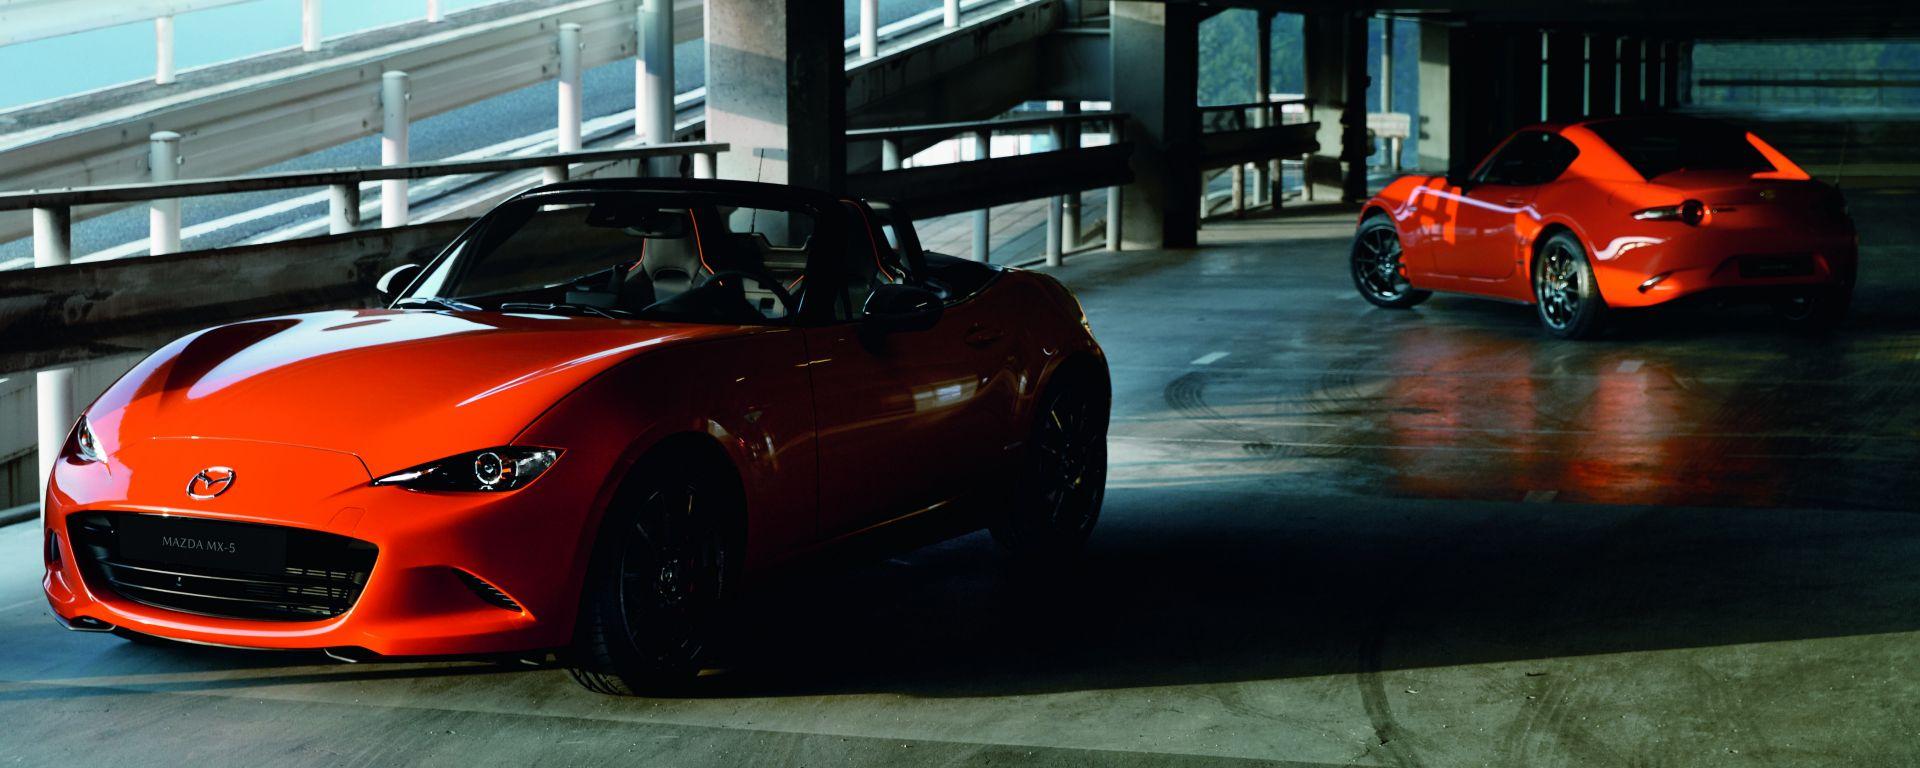 Mazda MX-5 30th Anniversary Edition 2019: prezzo ufficiale